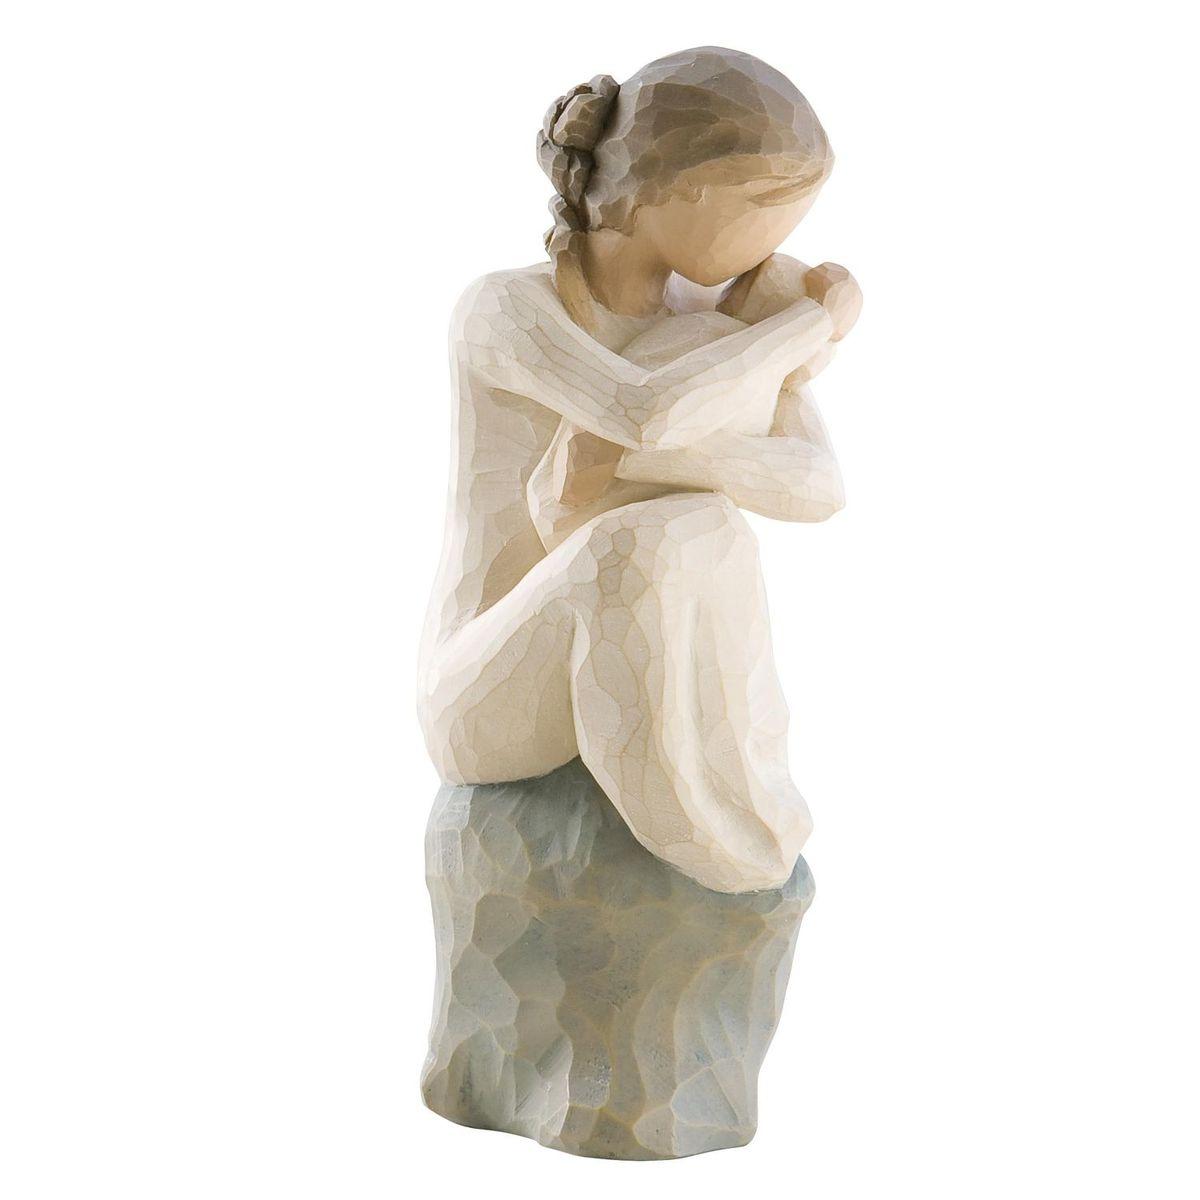 Фигурка декоративная Willow Tree Хранитель, высота 15 см670119Декоративная фигурка Willow Tree создана канадским скульптором Сьюзан Лорди. Фигурка выполнена из искусственного камня (49% карбонат кальция мелкозернистой разновидности, 51% искусственный камень).Фигурка Willow Tree – это настоящее произведение искусства, образная скульптура в миниатюре, изображающая эмоции и чувства, которые помогают чувствовать себя ближе к другим, верить в мечту, выражать любовь.Фигурка помещена в красивую упаковку.Купить такой оригинальный подарок, значит не только украсить интерьер помещения или жилой комнаты, но выразить свое глубокое отношение к любимому человеку. Этот прекрасный сувенир будет лучшим подарком на день ангела, именины, день рождения, юбилей.